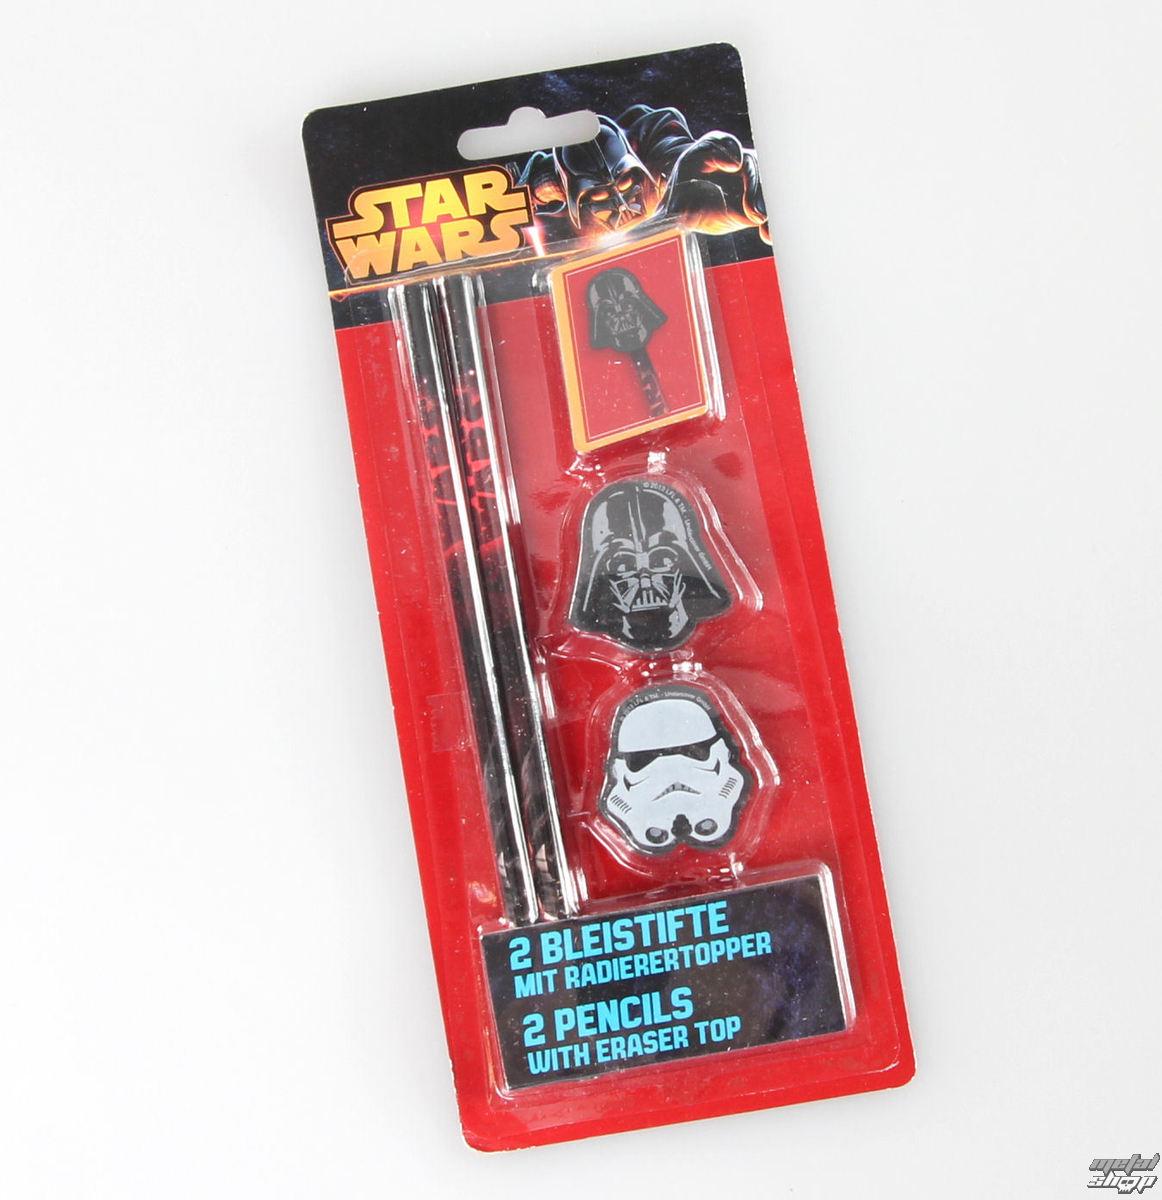 sada STAR WARS - Darth Vader - SWAK0151